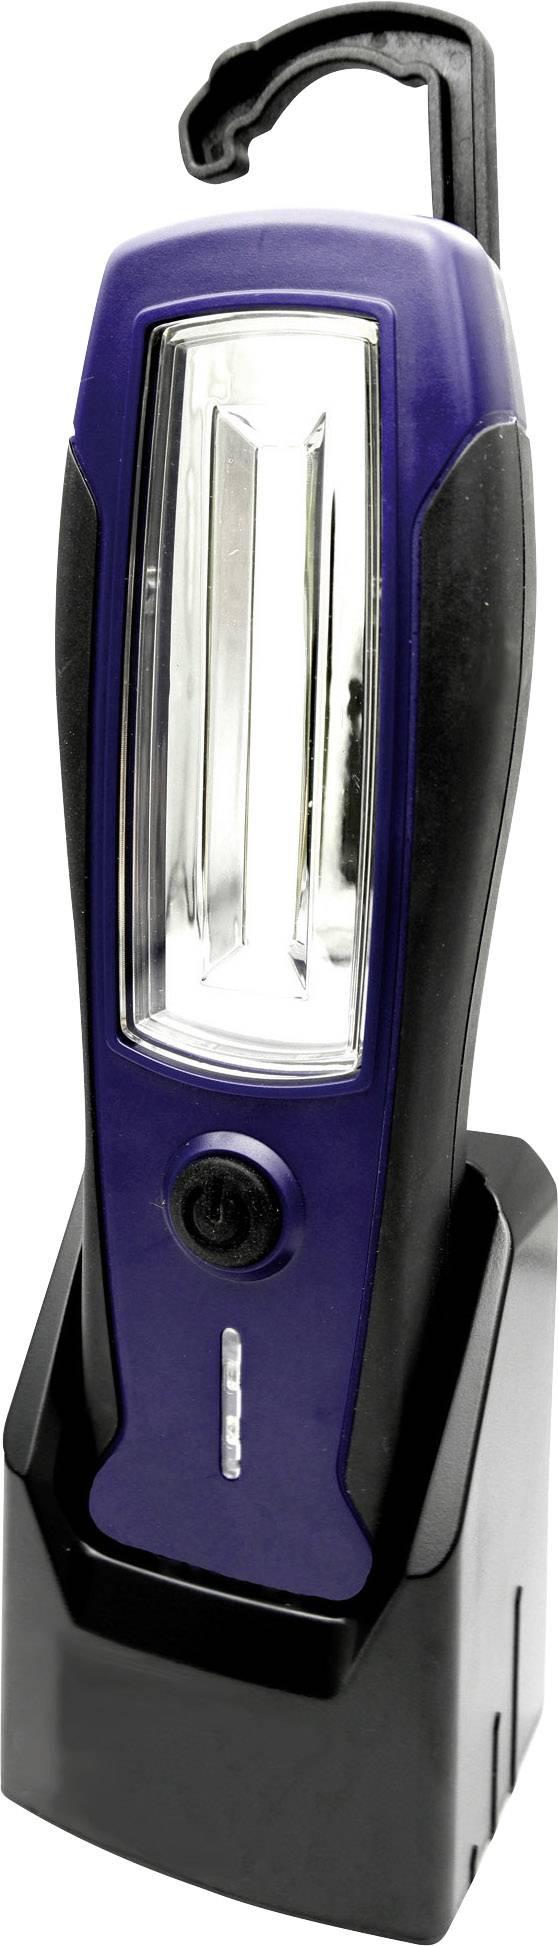 COB LED pracovní osvětlení Kunzer PL-1016 napájeno akumulátorem